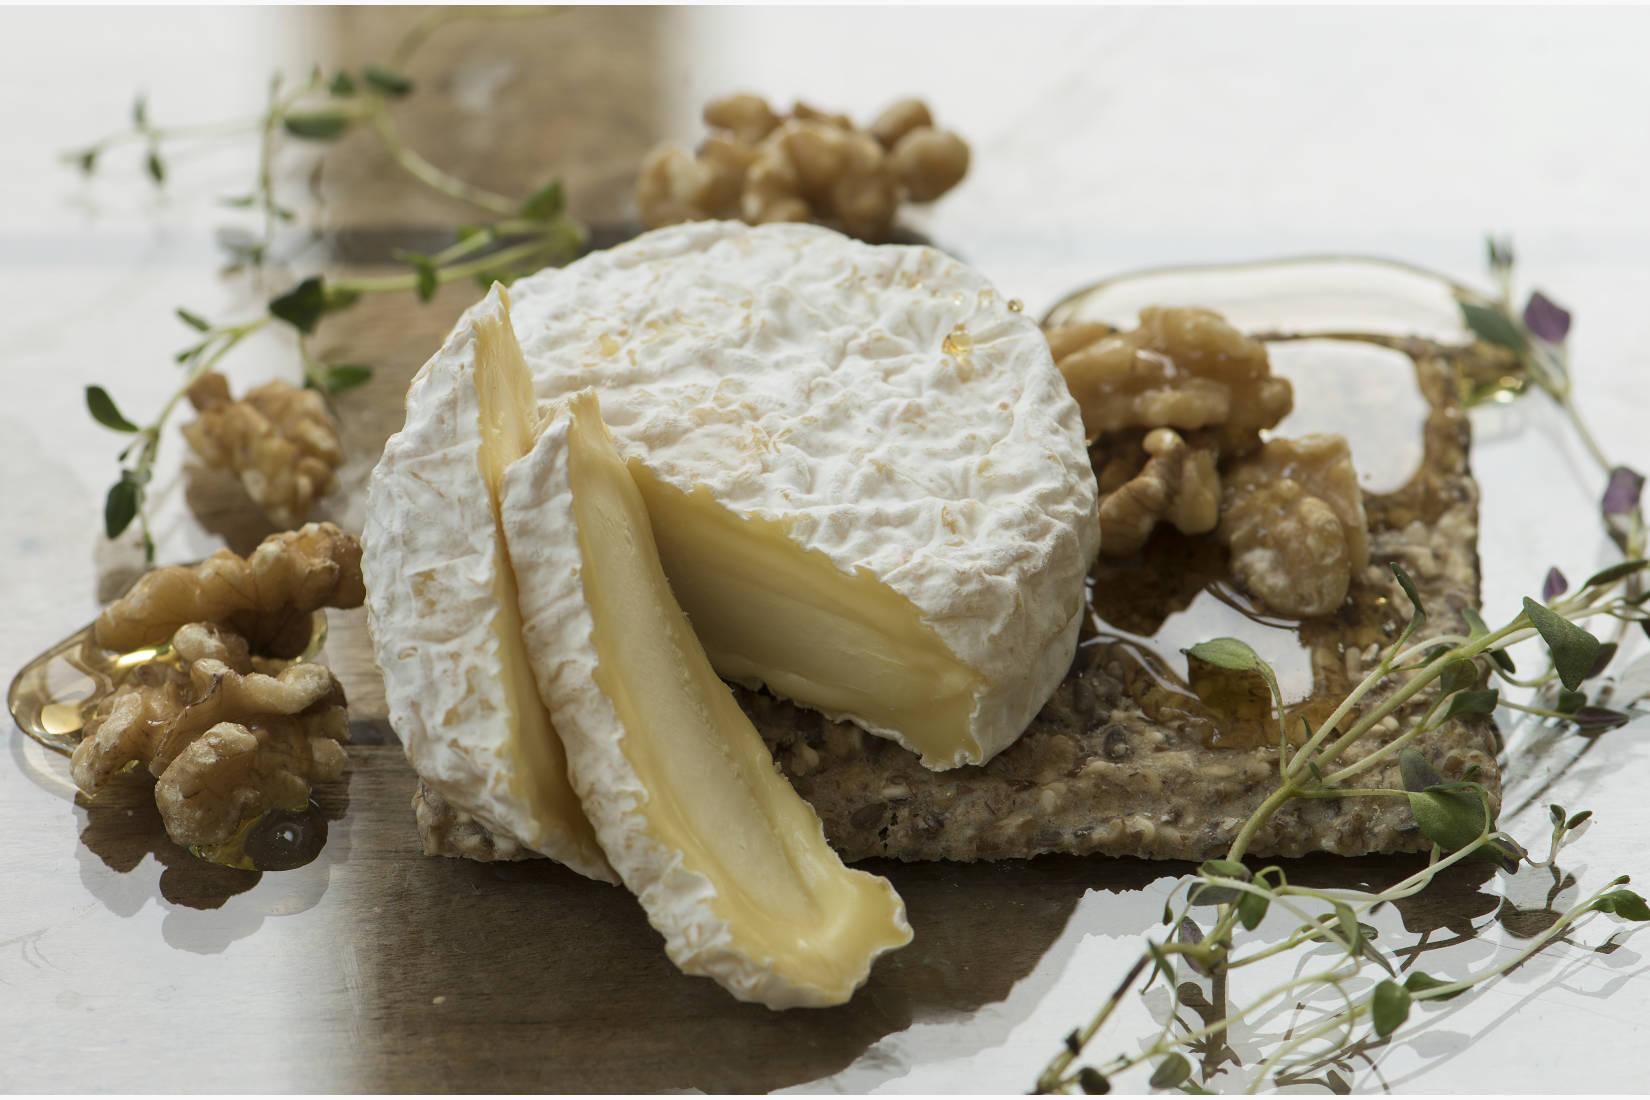 ROSALITA er en modnet ferskost. Svært vanlig ostetype i Frankrike, der den kalles Lactic-ost. I Norge har Norsk Gardsost besluttet at denne ostetypen skal kalles KREMOST. Rosalita har mange smaker i seg, som vi tenker kun en ost av upasteurisert melk kan ha. Mange kjenner en mild smak av honning i den, en liten søtsmak. Rosalita smelter på tunga, og man tar en bit til, uten å tenke over det. Rosalita nytes gjerne med en god vin, og den er nydelig på hjemmelaget grovt knekkebrød sammen med en bit pære eller drue. Den passer meget godt på koldtbordet, enten som den er eller den kan smeltes med honning og valnøtter over.